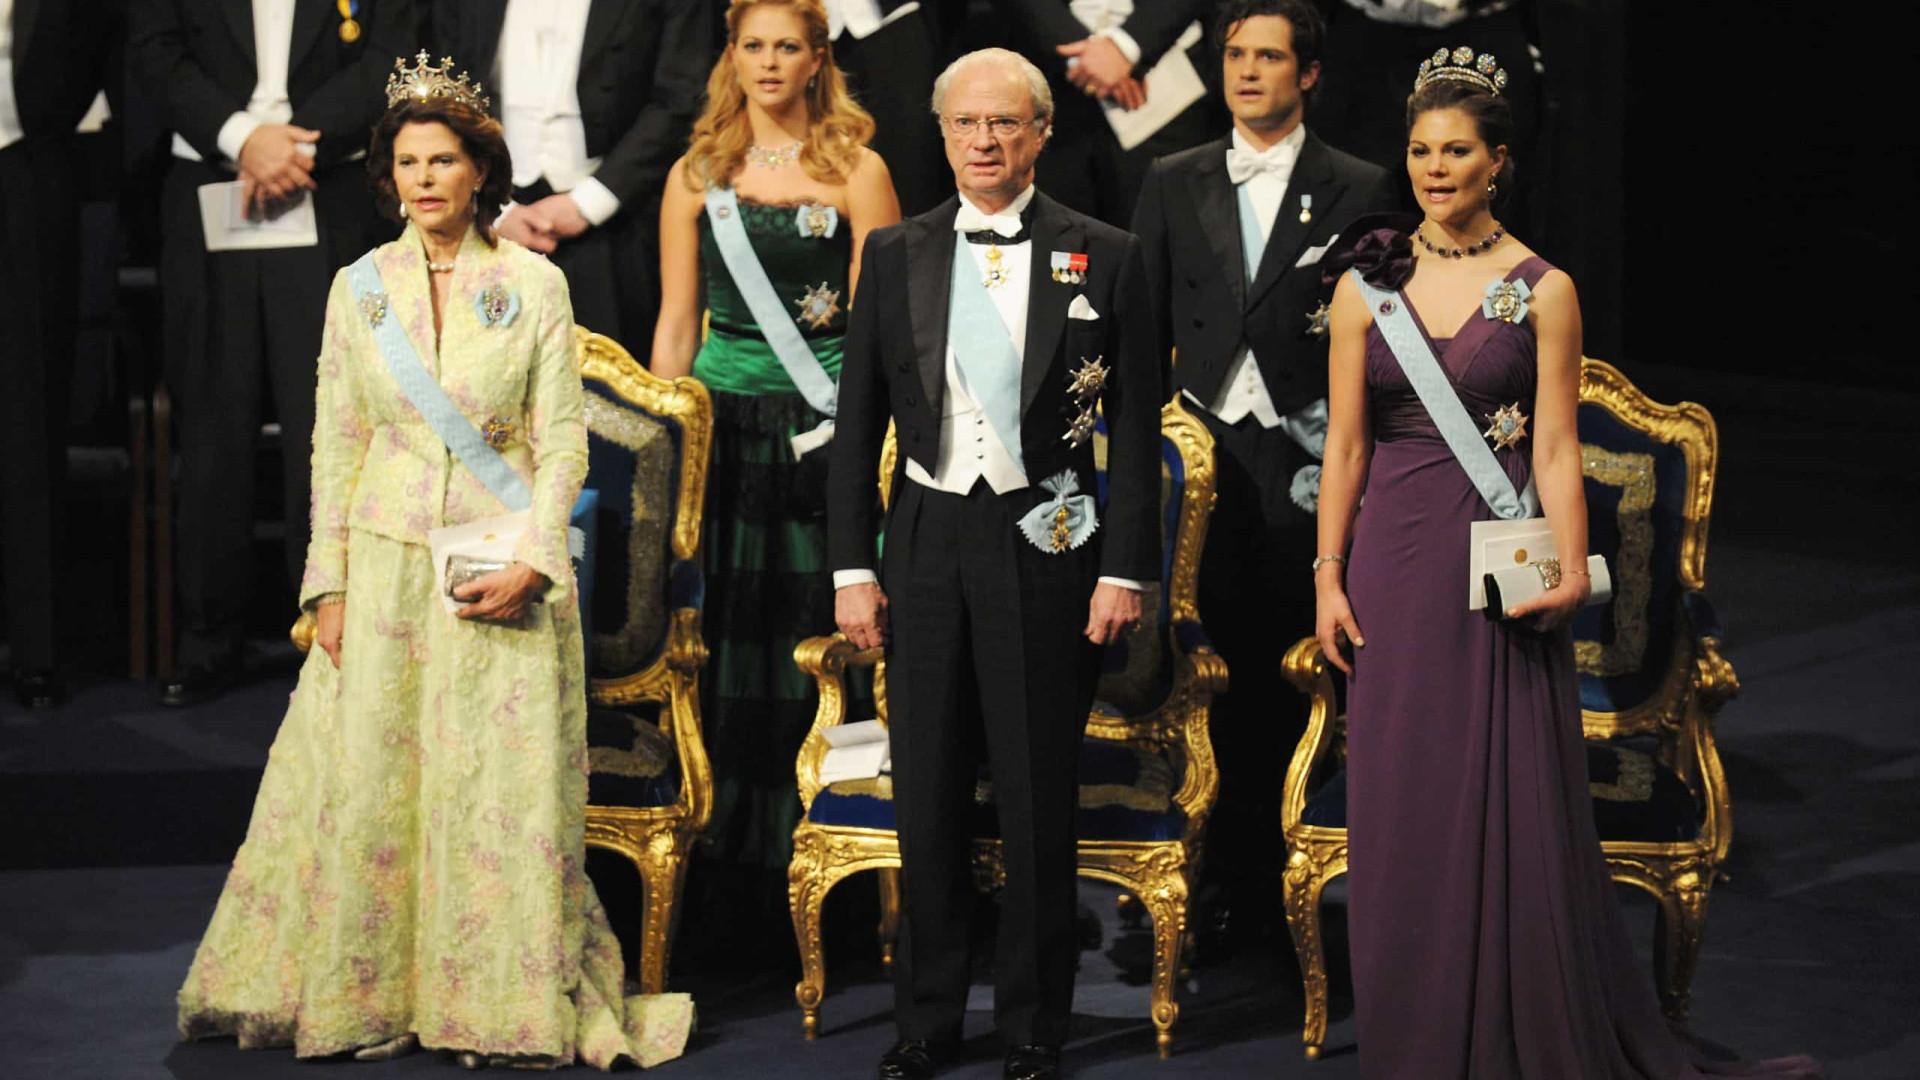 Mudanças drásticas na família real da Suécia